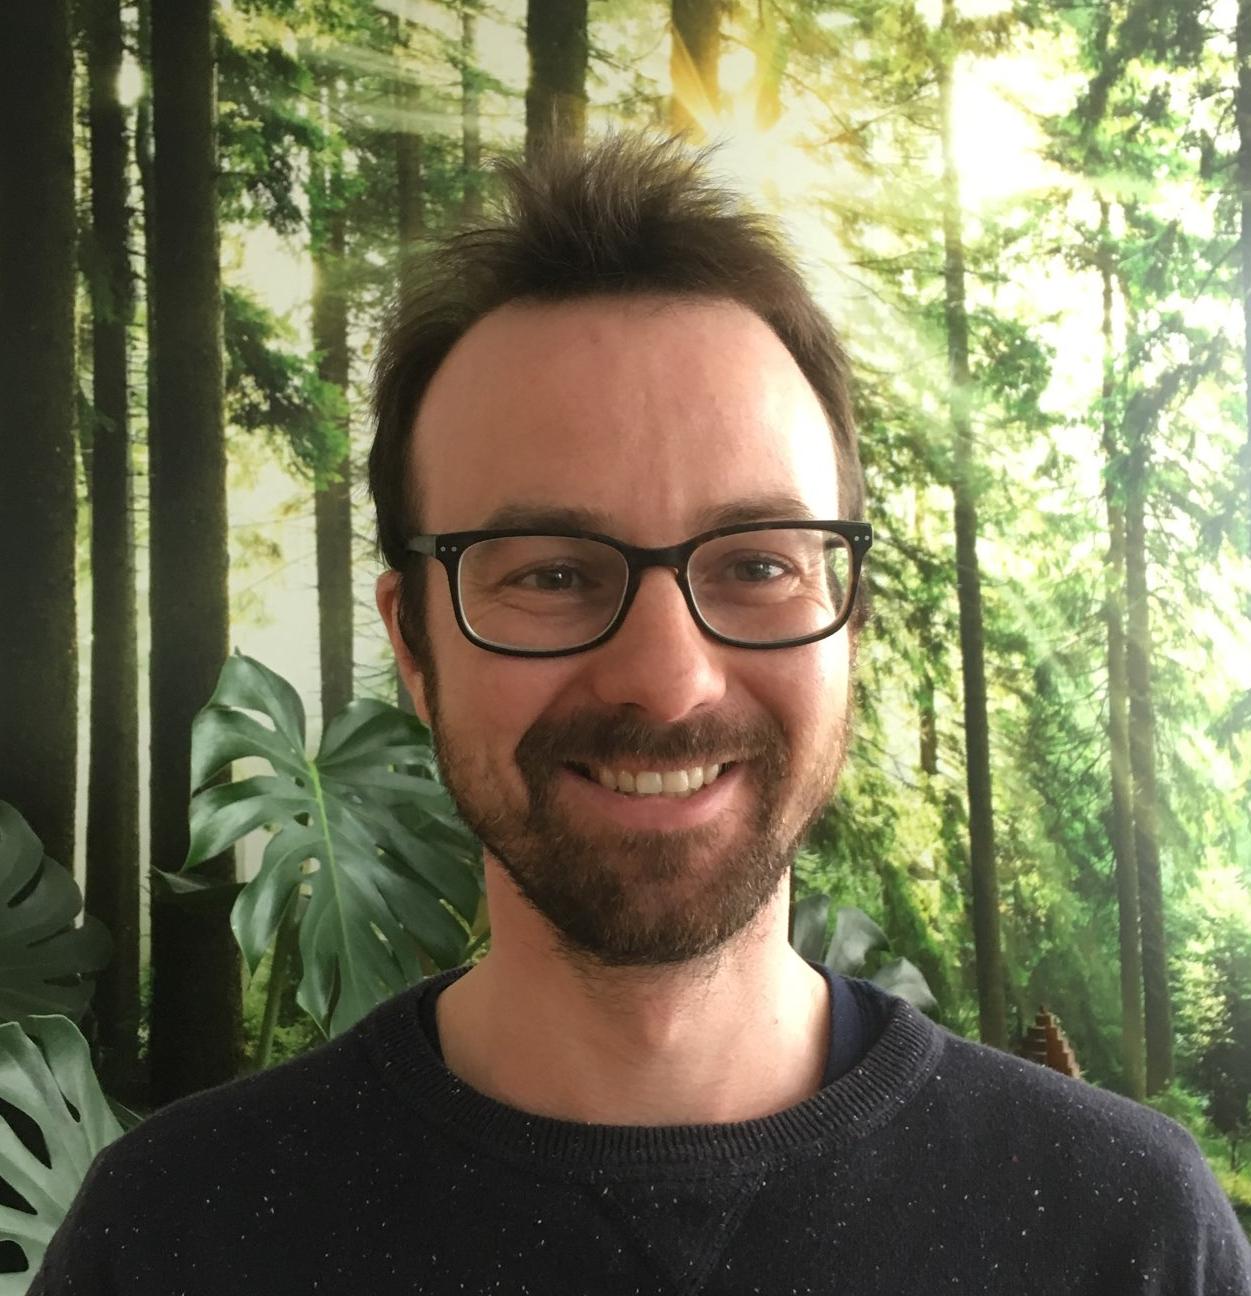 Jon Atherton